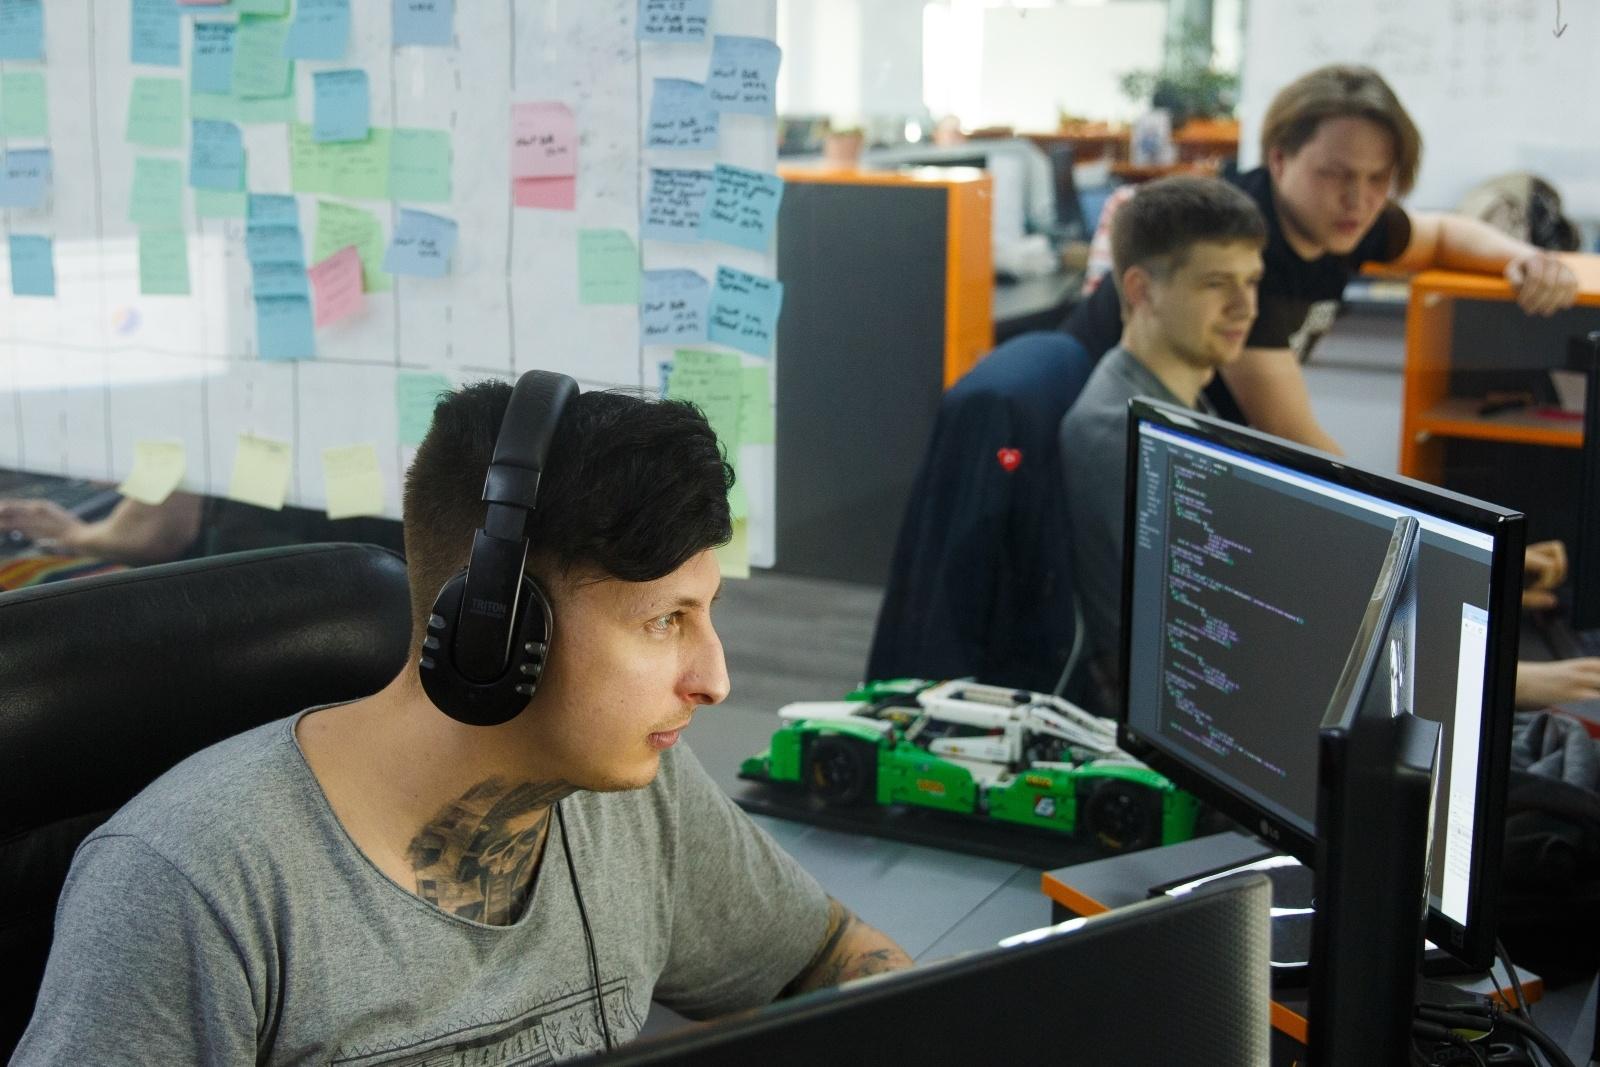 Офис Plarium Kharkiv: здесь мы разрабатываем игры - 30